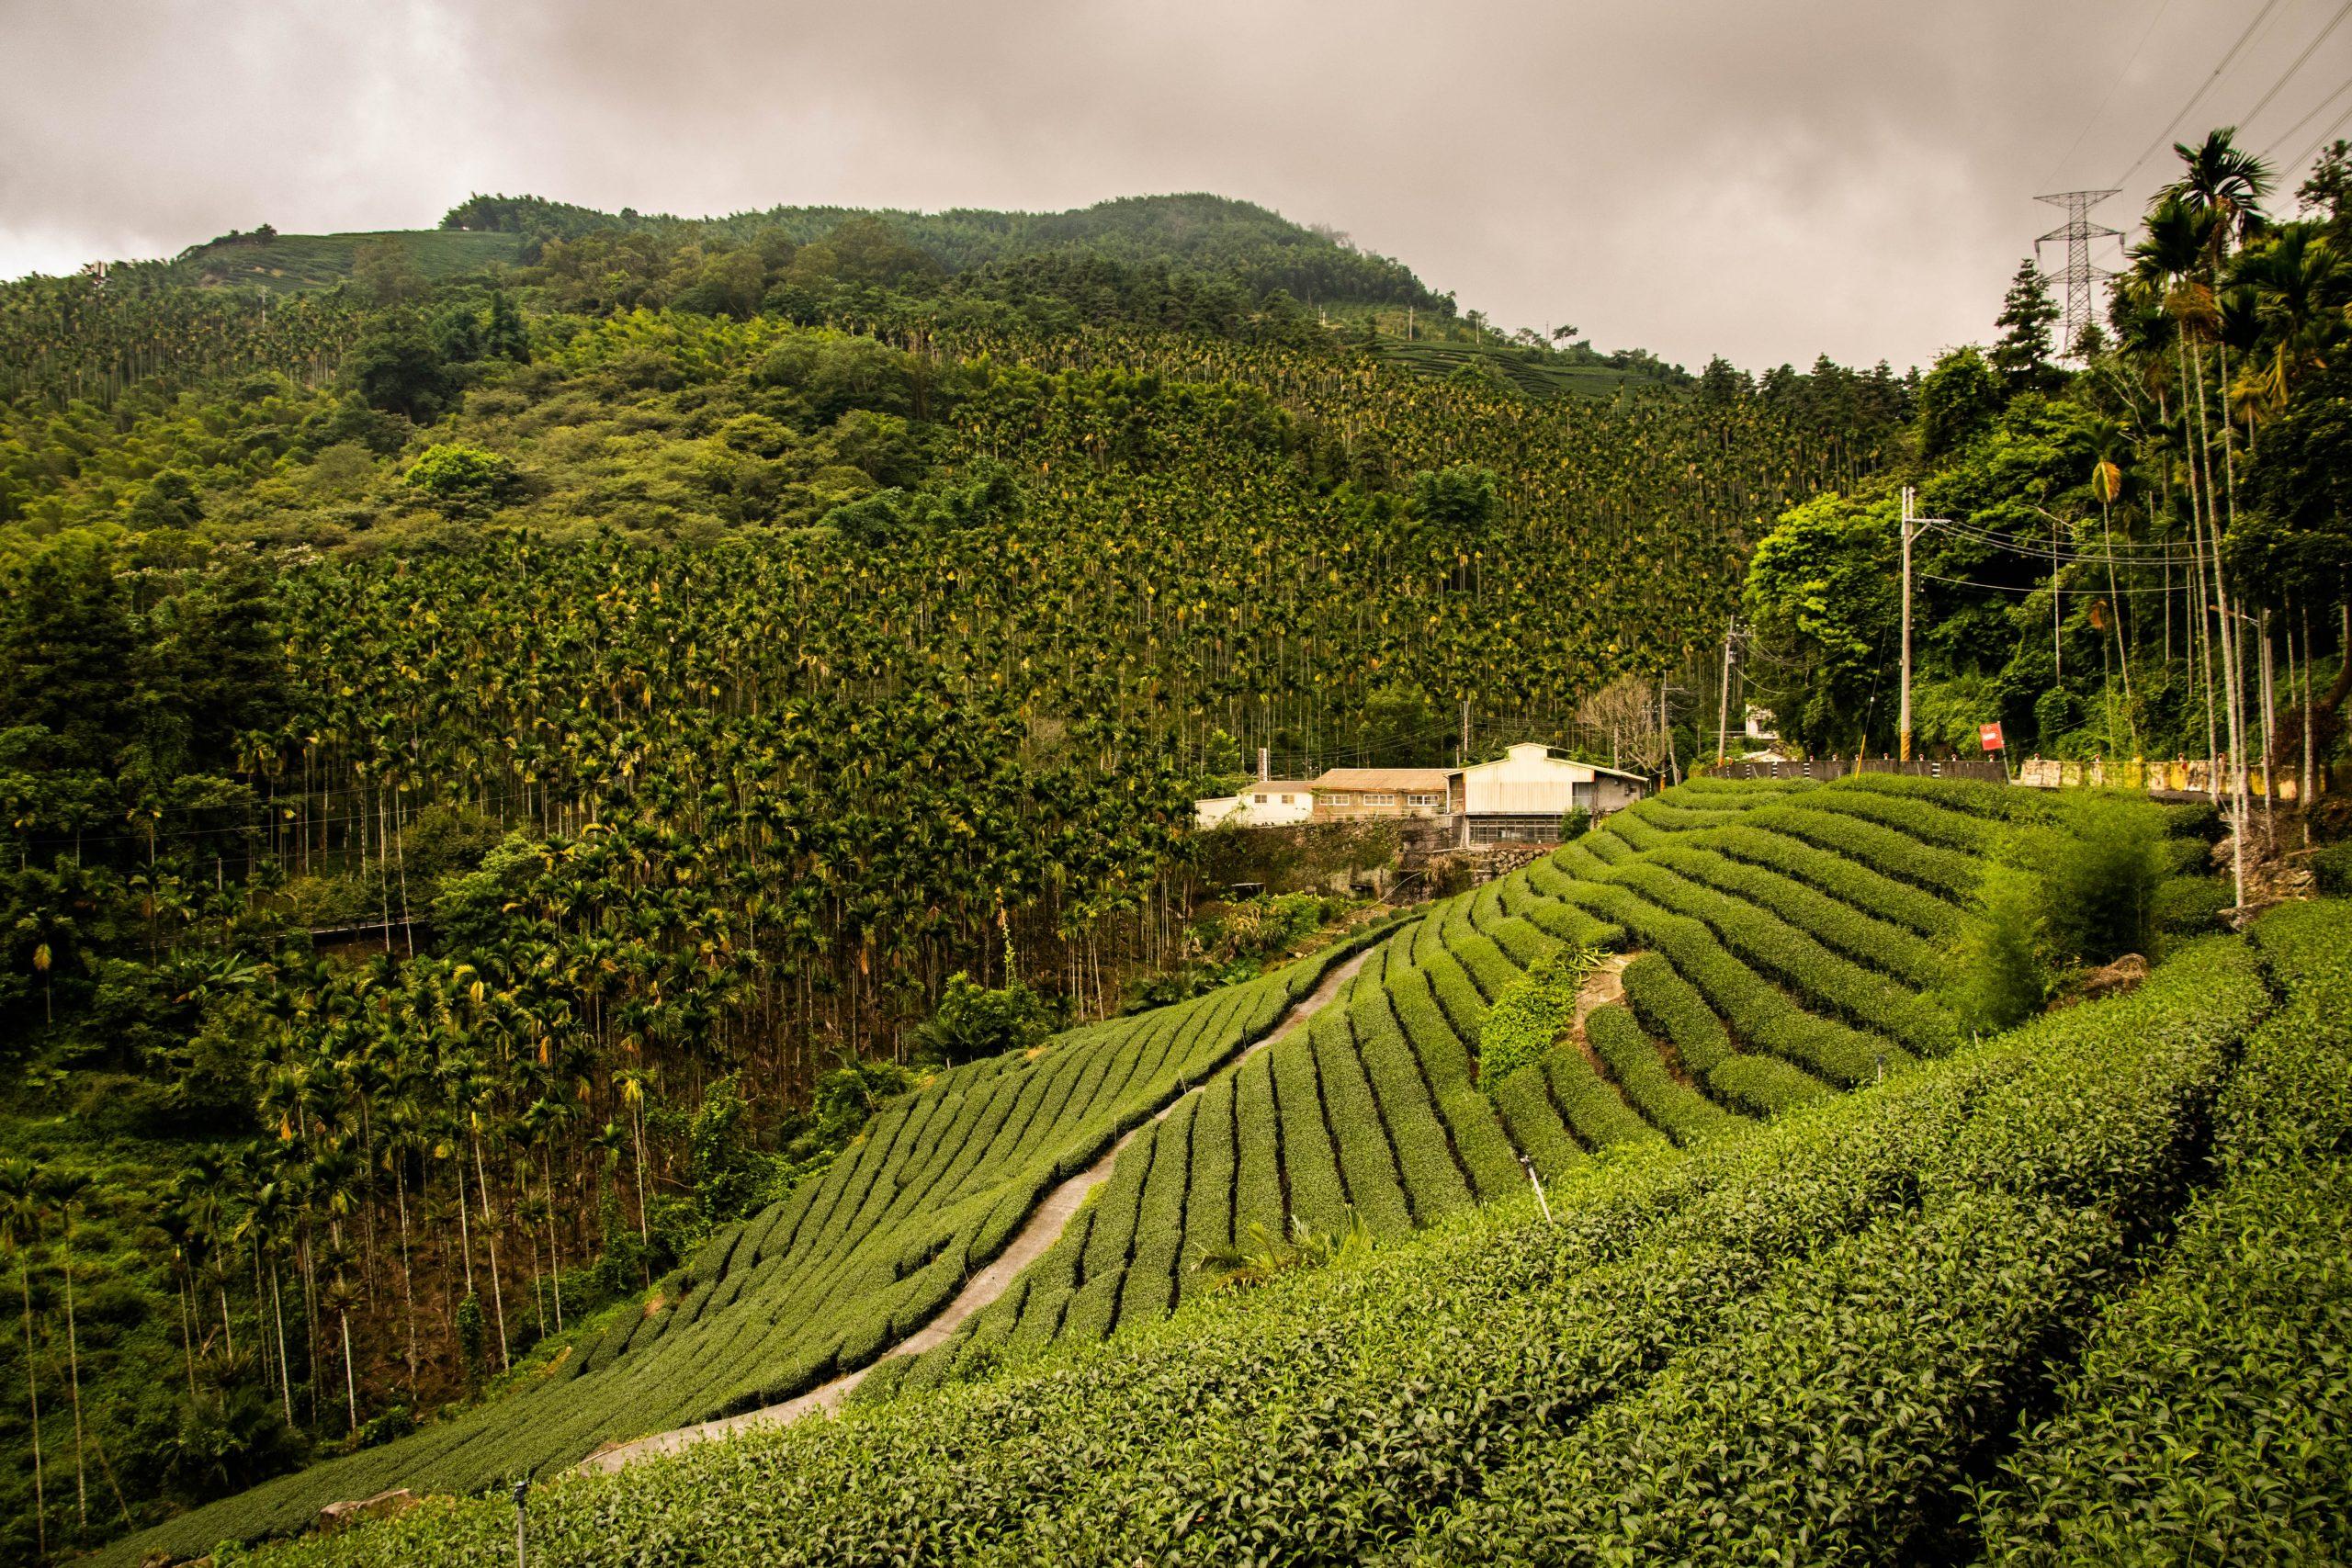 DAVIDsTEA-$DTEA-tea-industry-growth-internet-bull-report